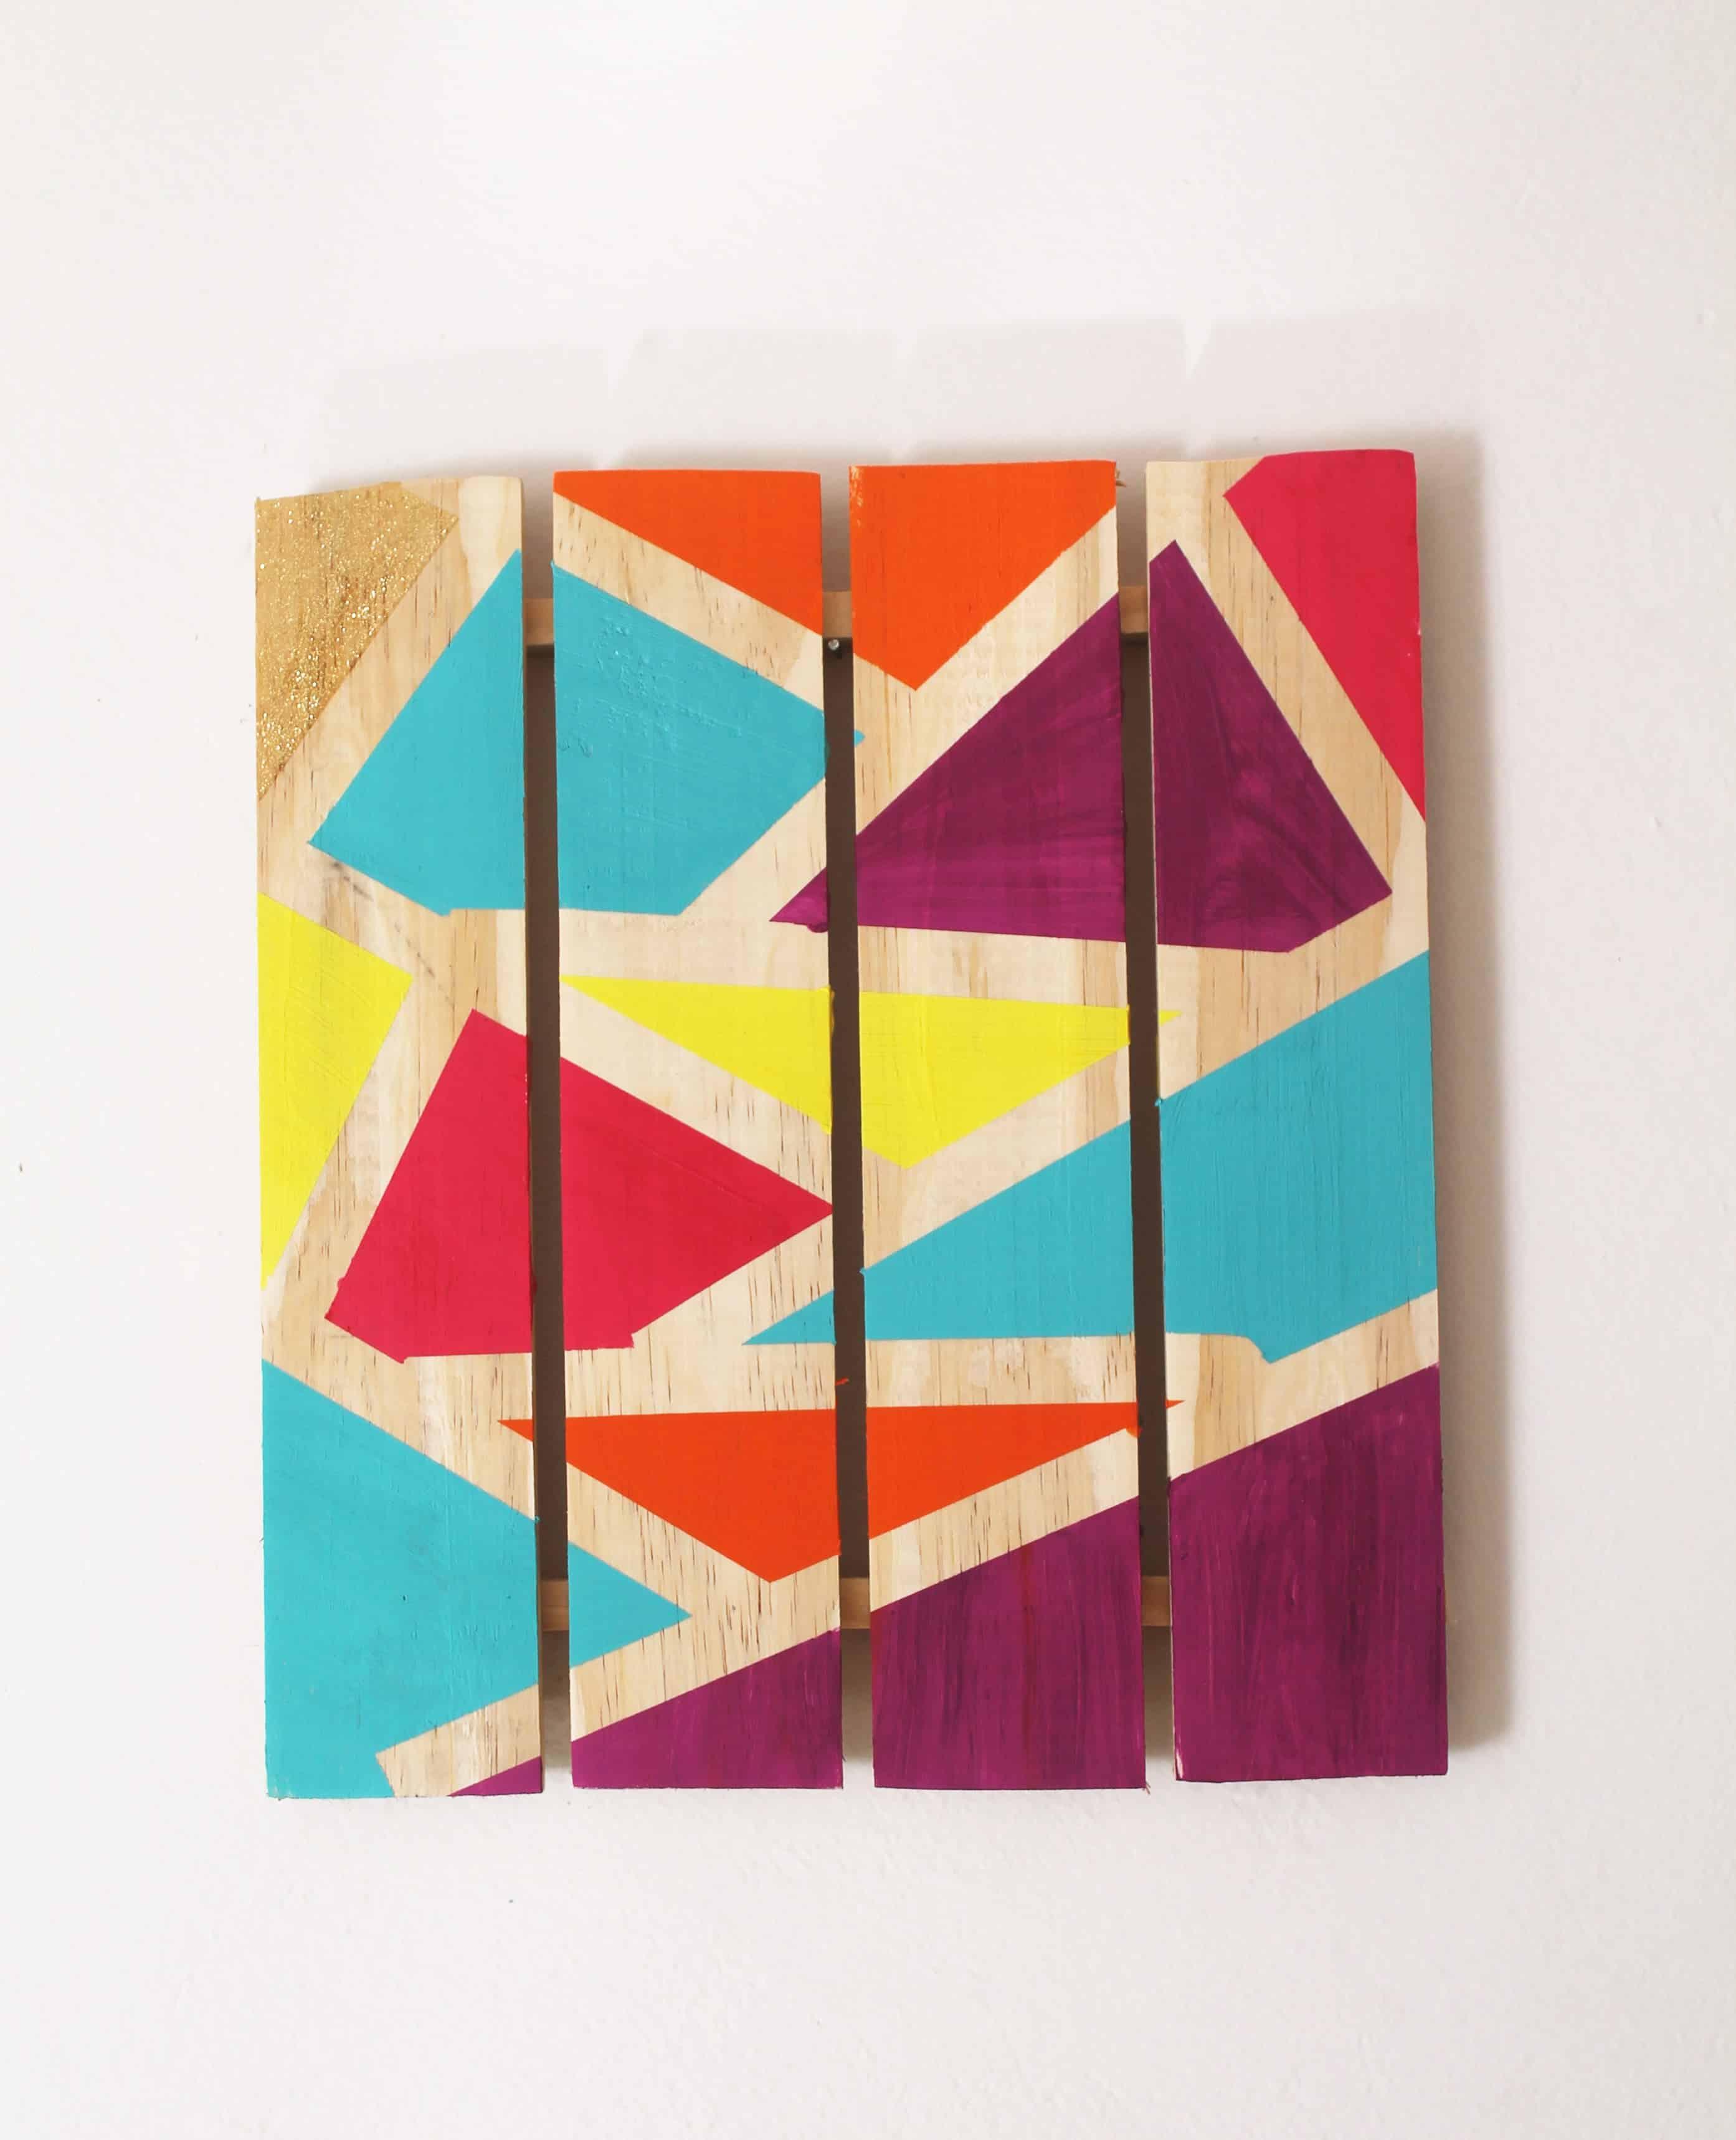 Quadro com pintura geométrica